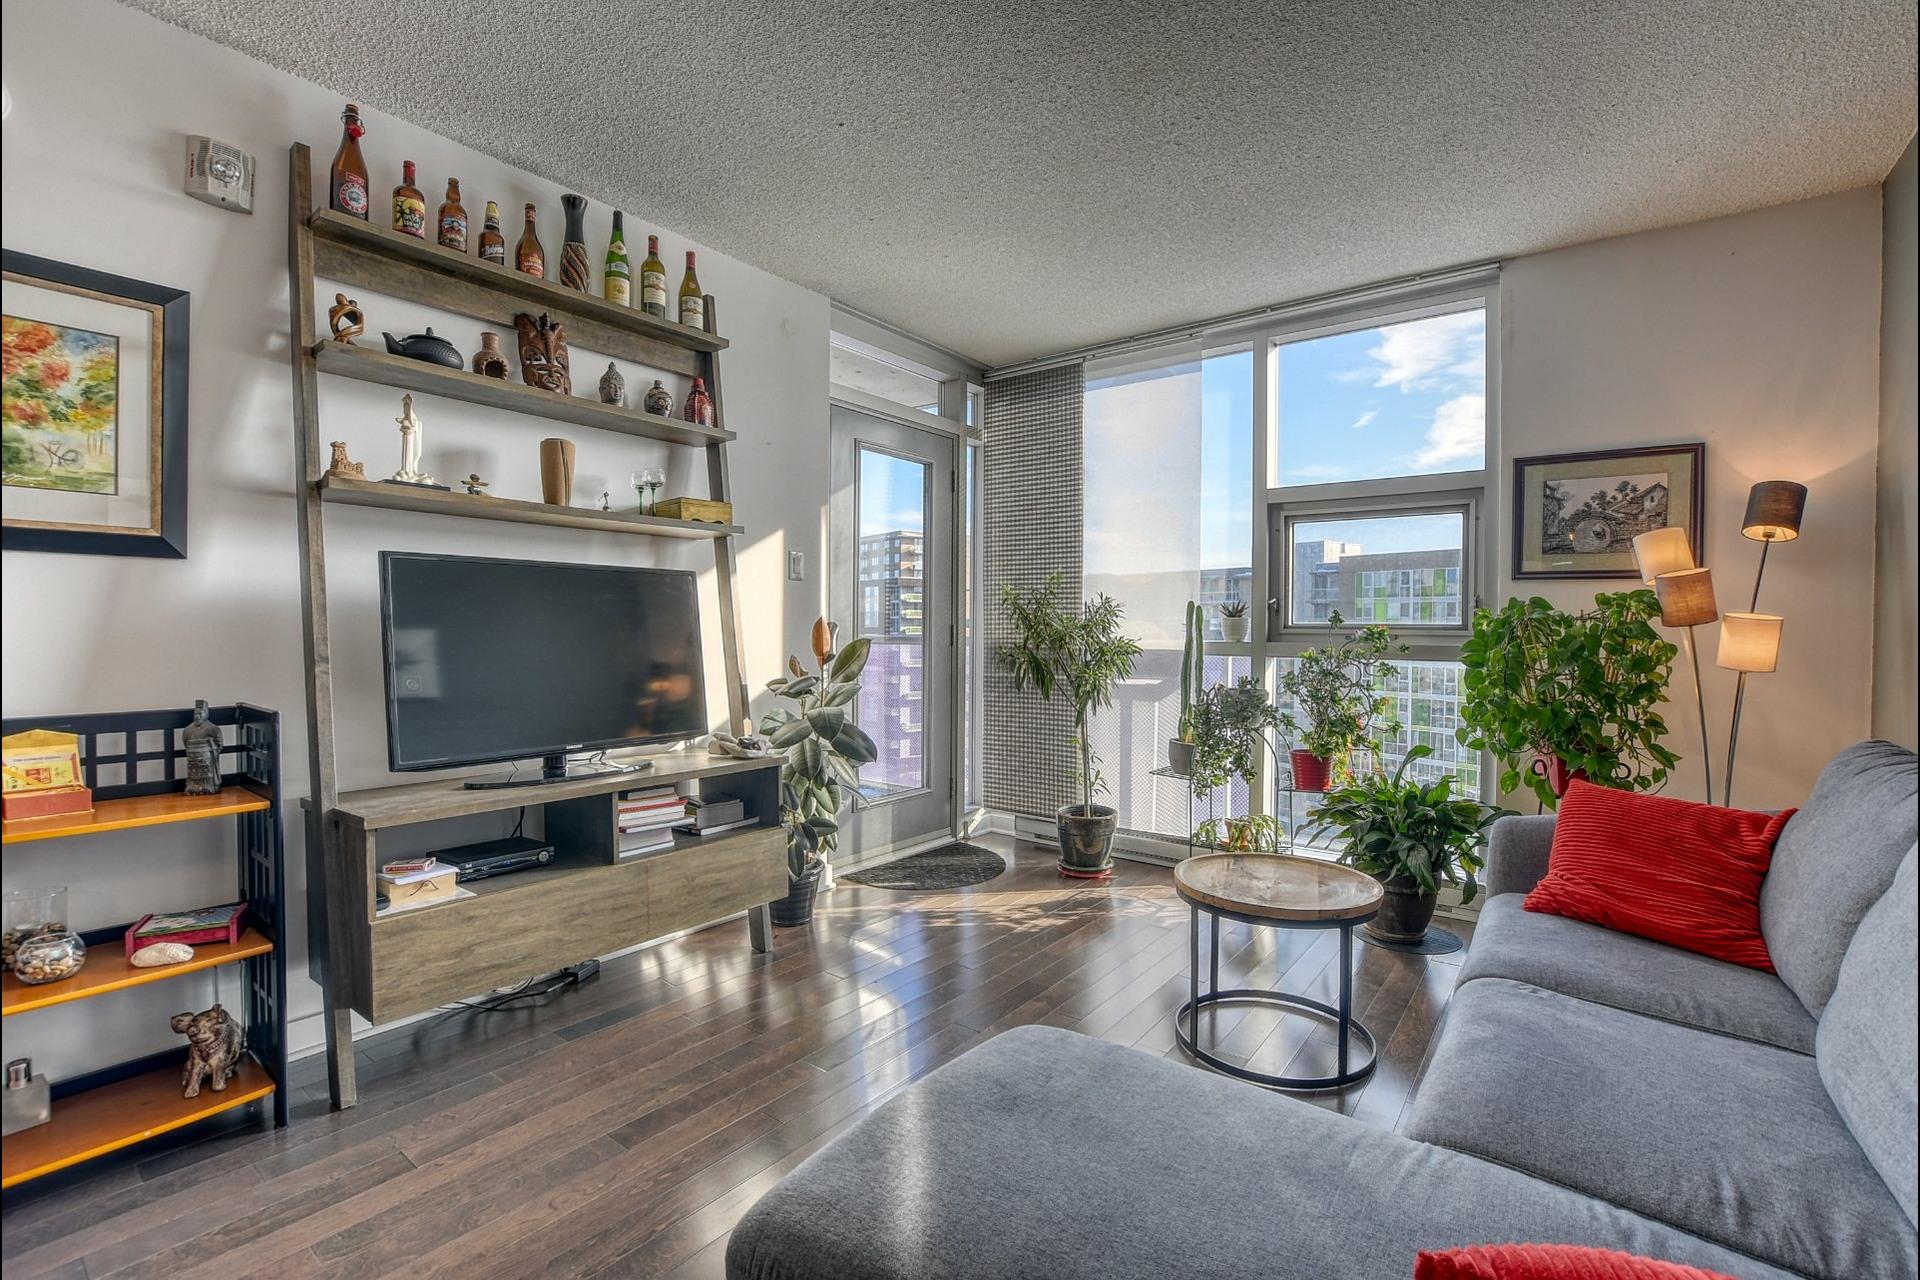 image 0 - Appartement À vendre Ahuntsic-Cartierville Montréal  - 4 pièces